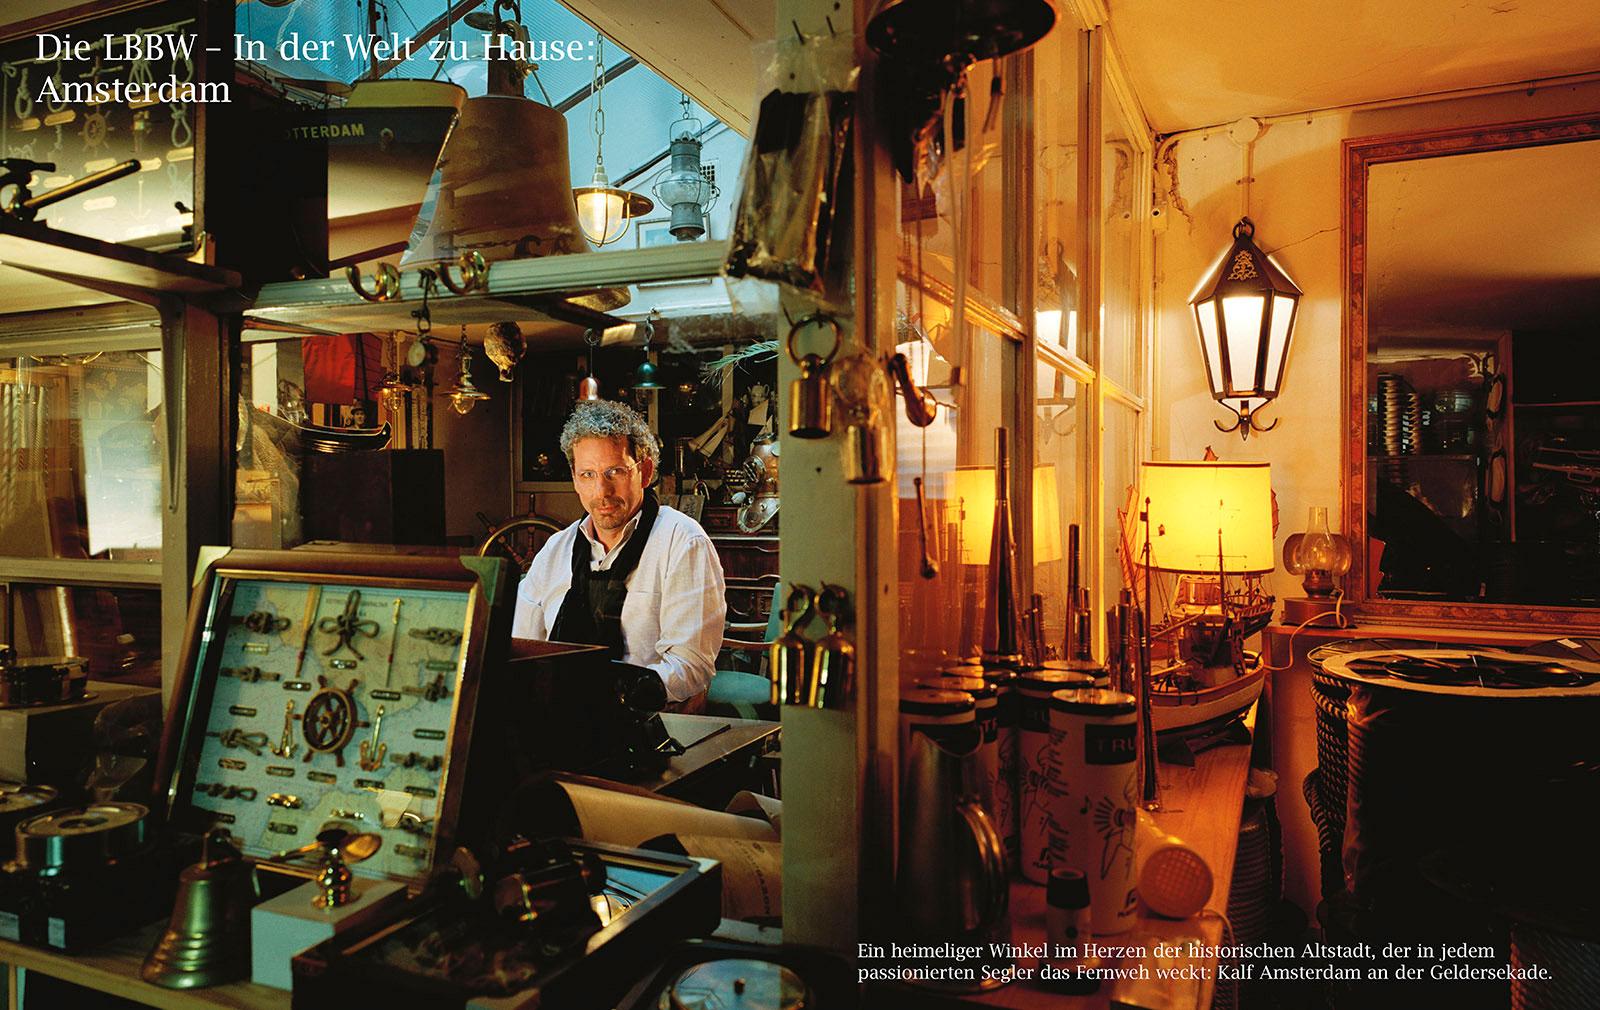 Portrait von Herrn Karel Altena, Finanzexperte in dem Geschäft